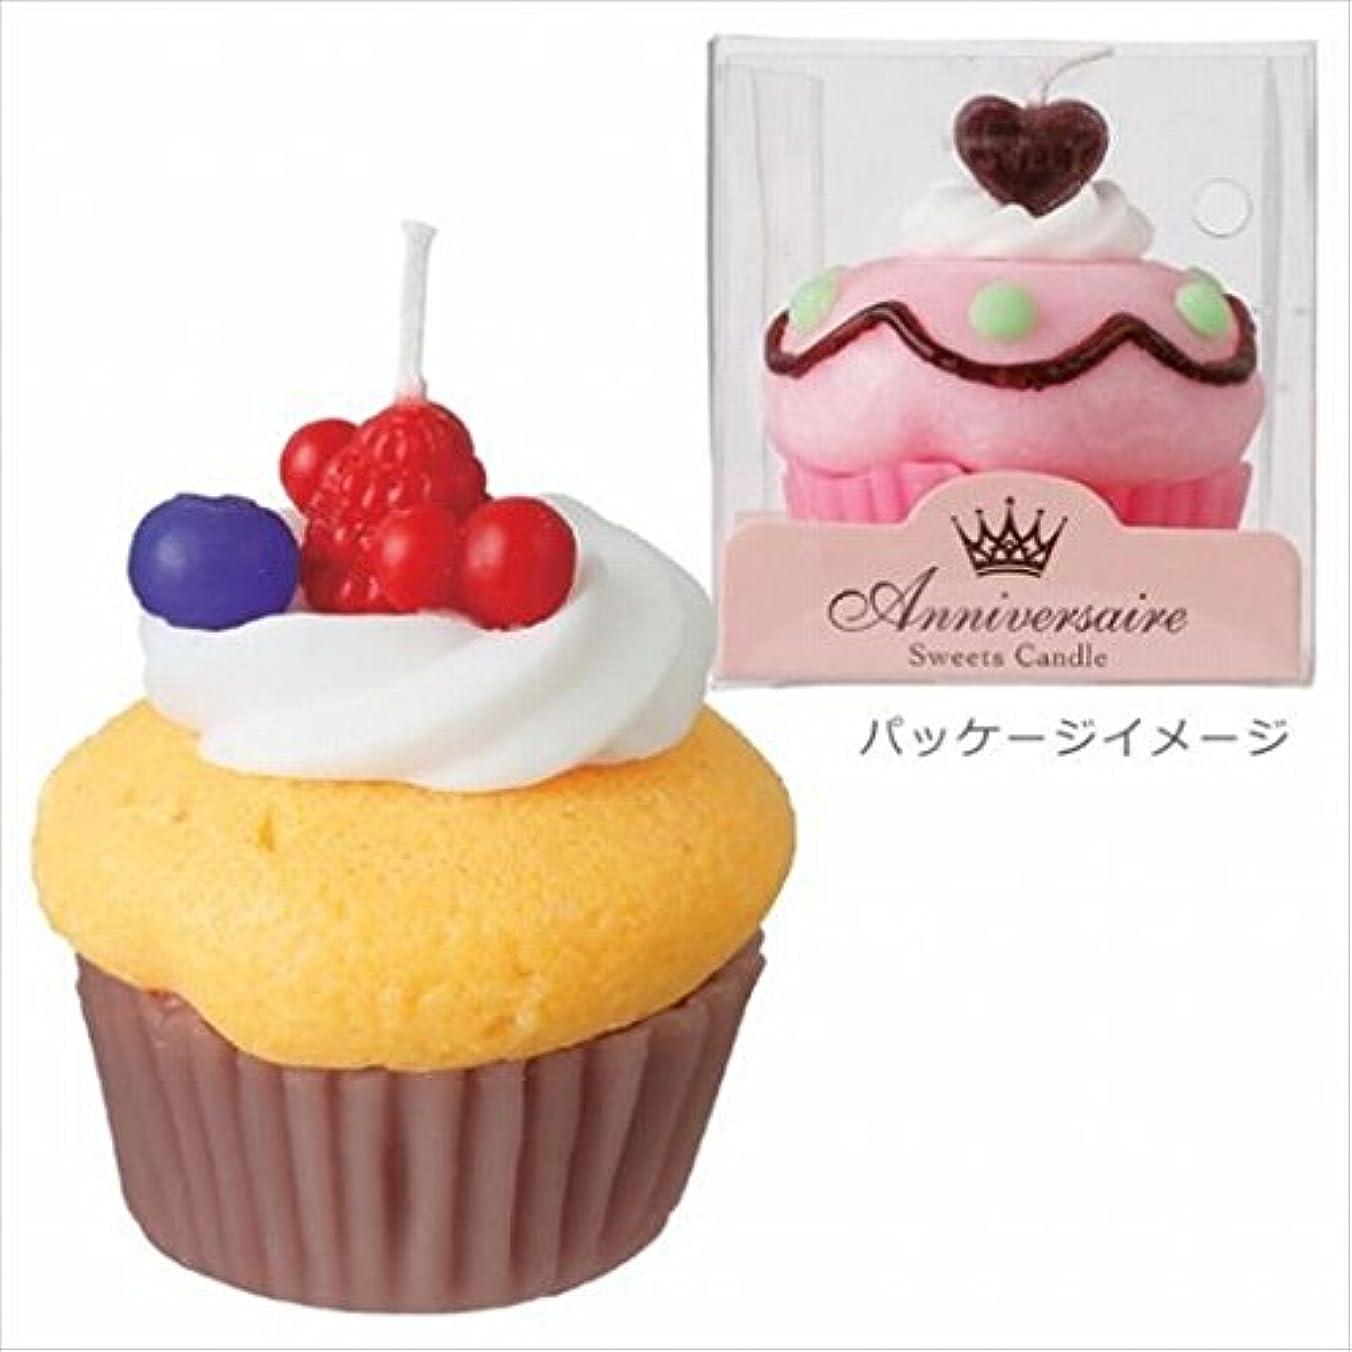 カメヤマキャンドル( kameyama candle ) カップケーキキャンドル 「 マンゴーカップケーキ 」